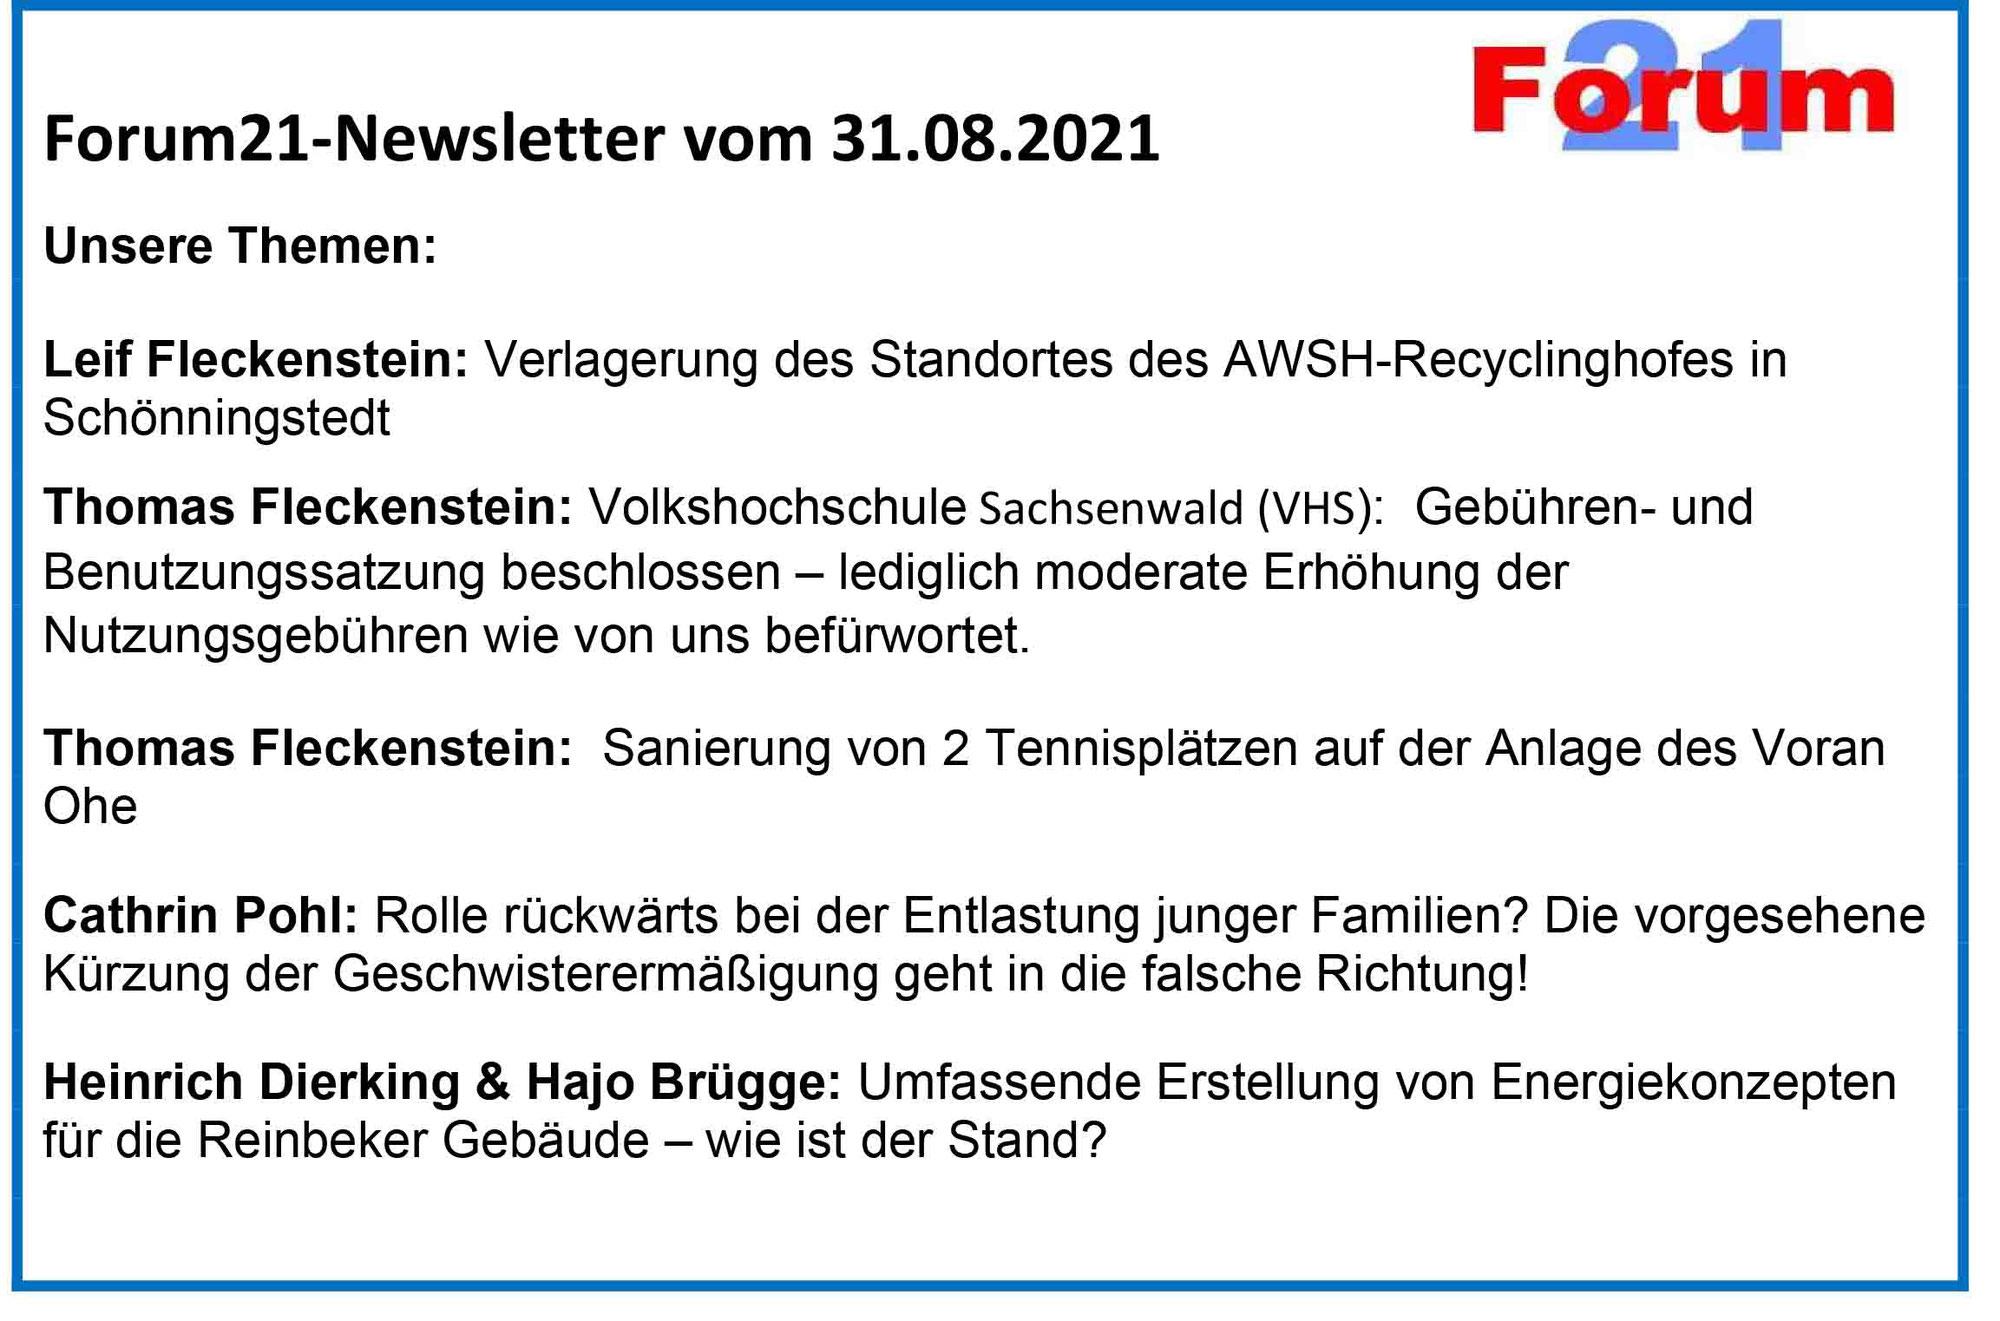 Forum21-Newsletter vom 31.08.2021